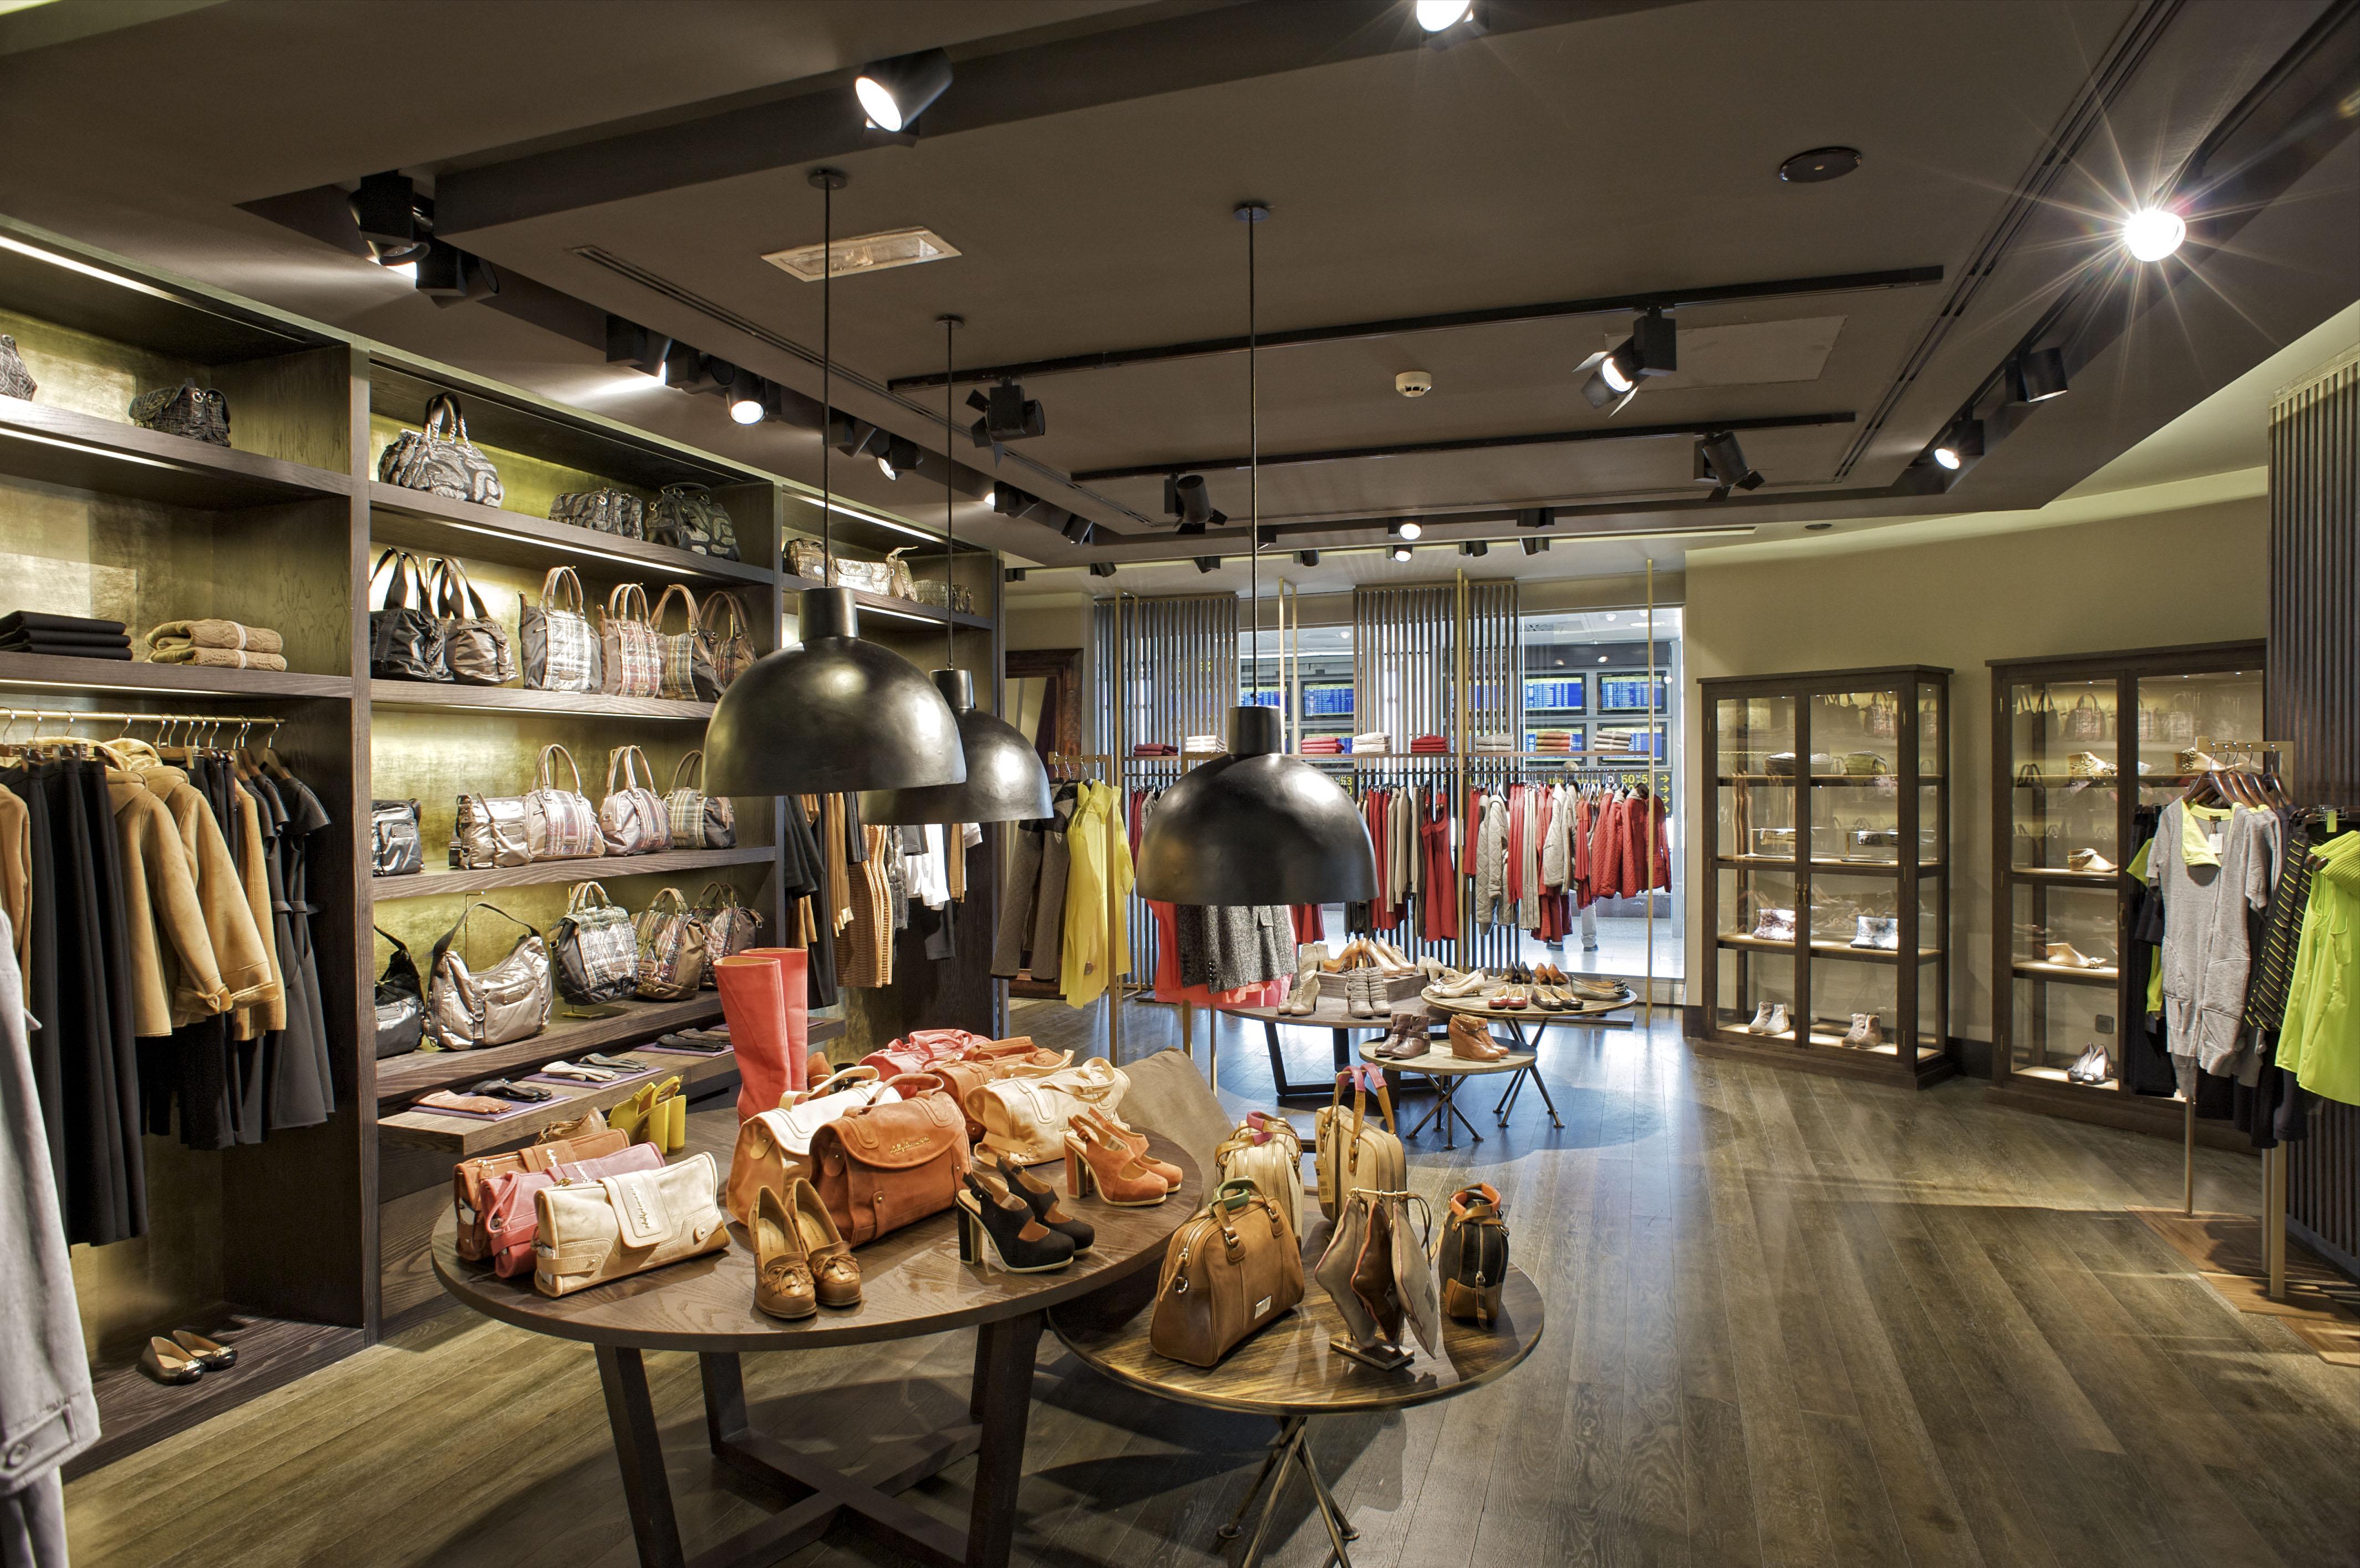 Adolfo dominguez comprar franchising - Comprar ropa en portugal ...